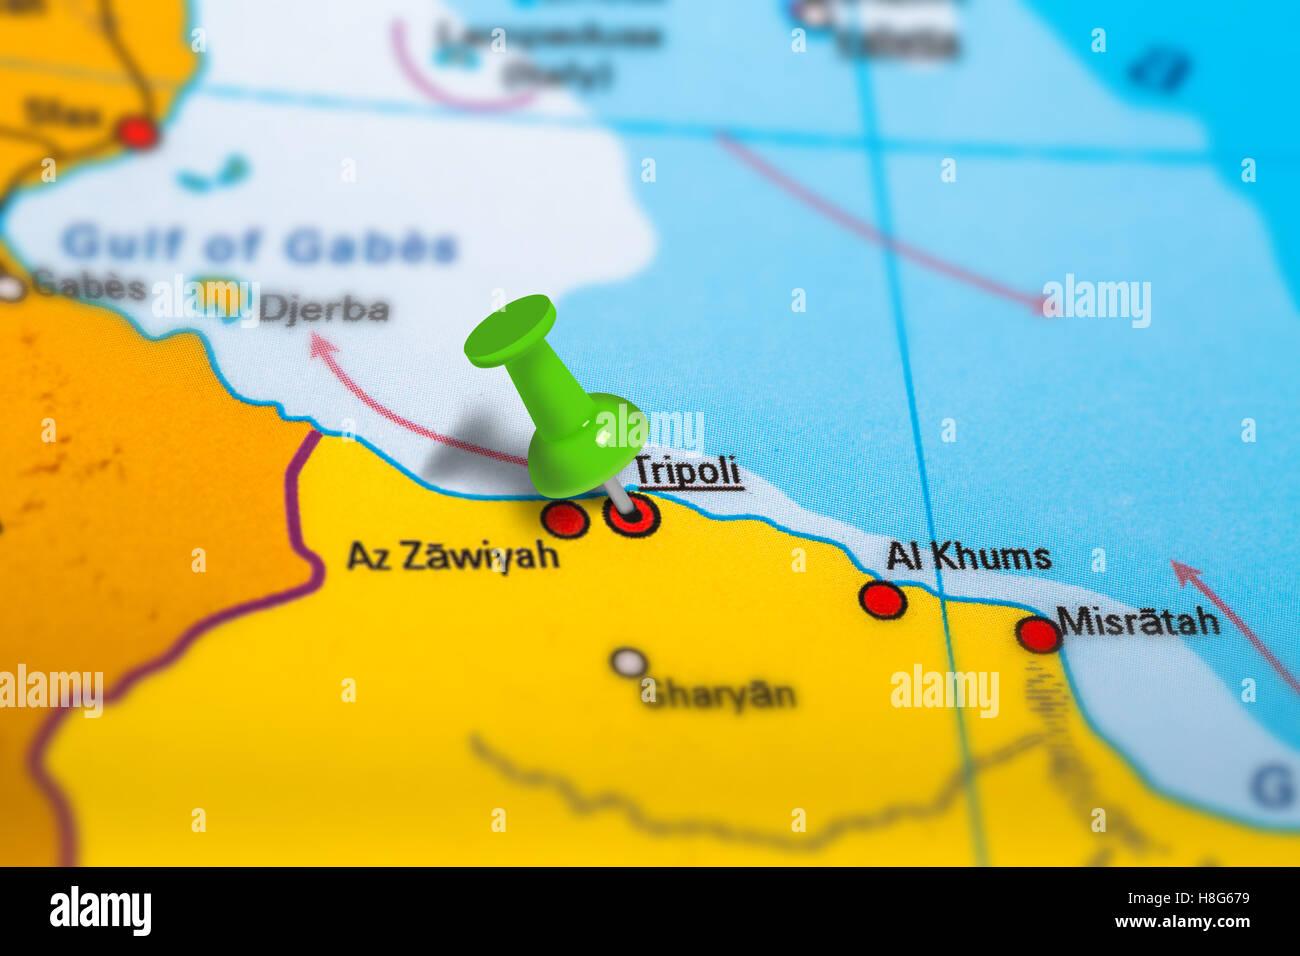 Tripoli Libya map Stock Photo 125745965 Alamy